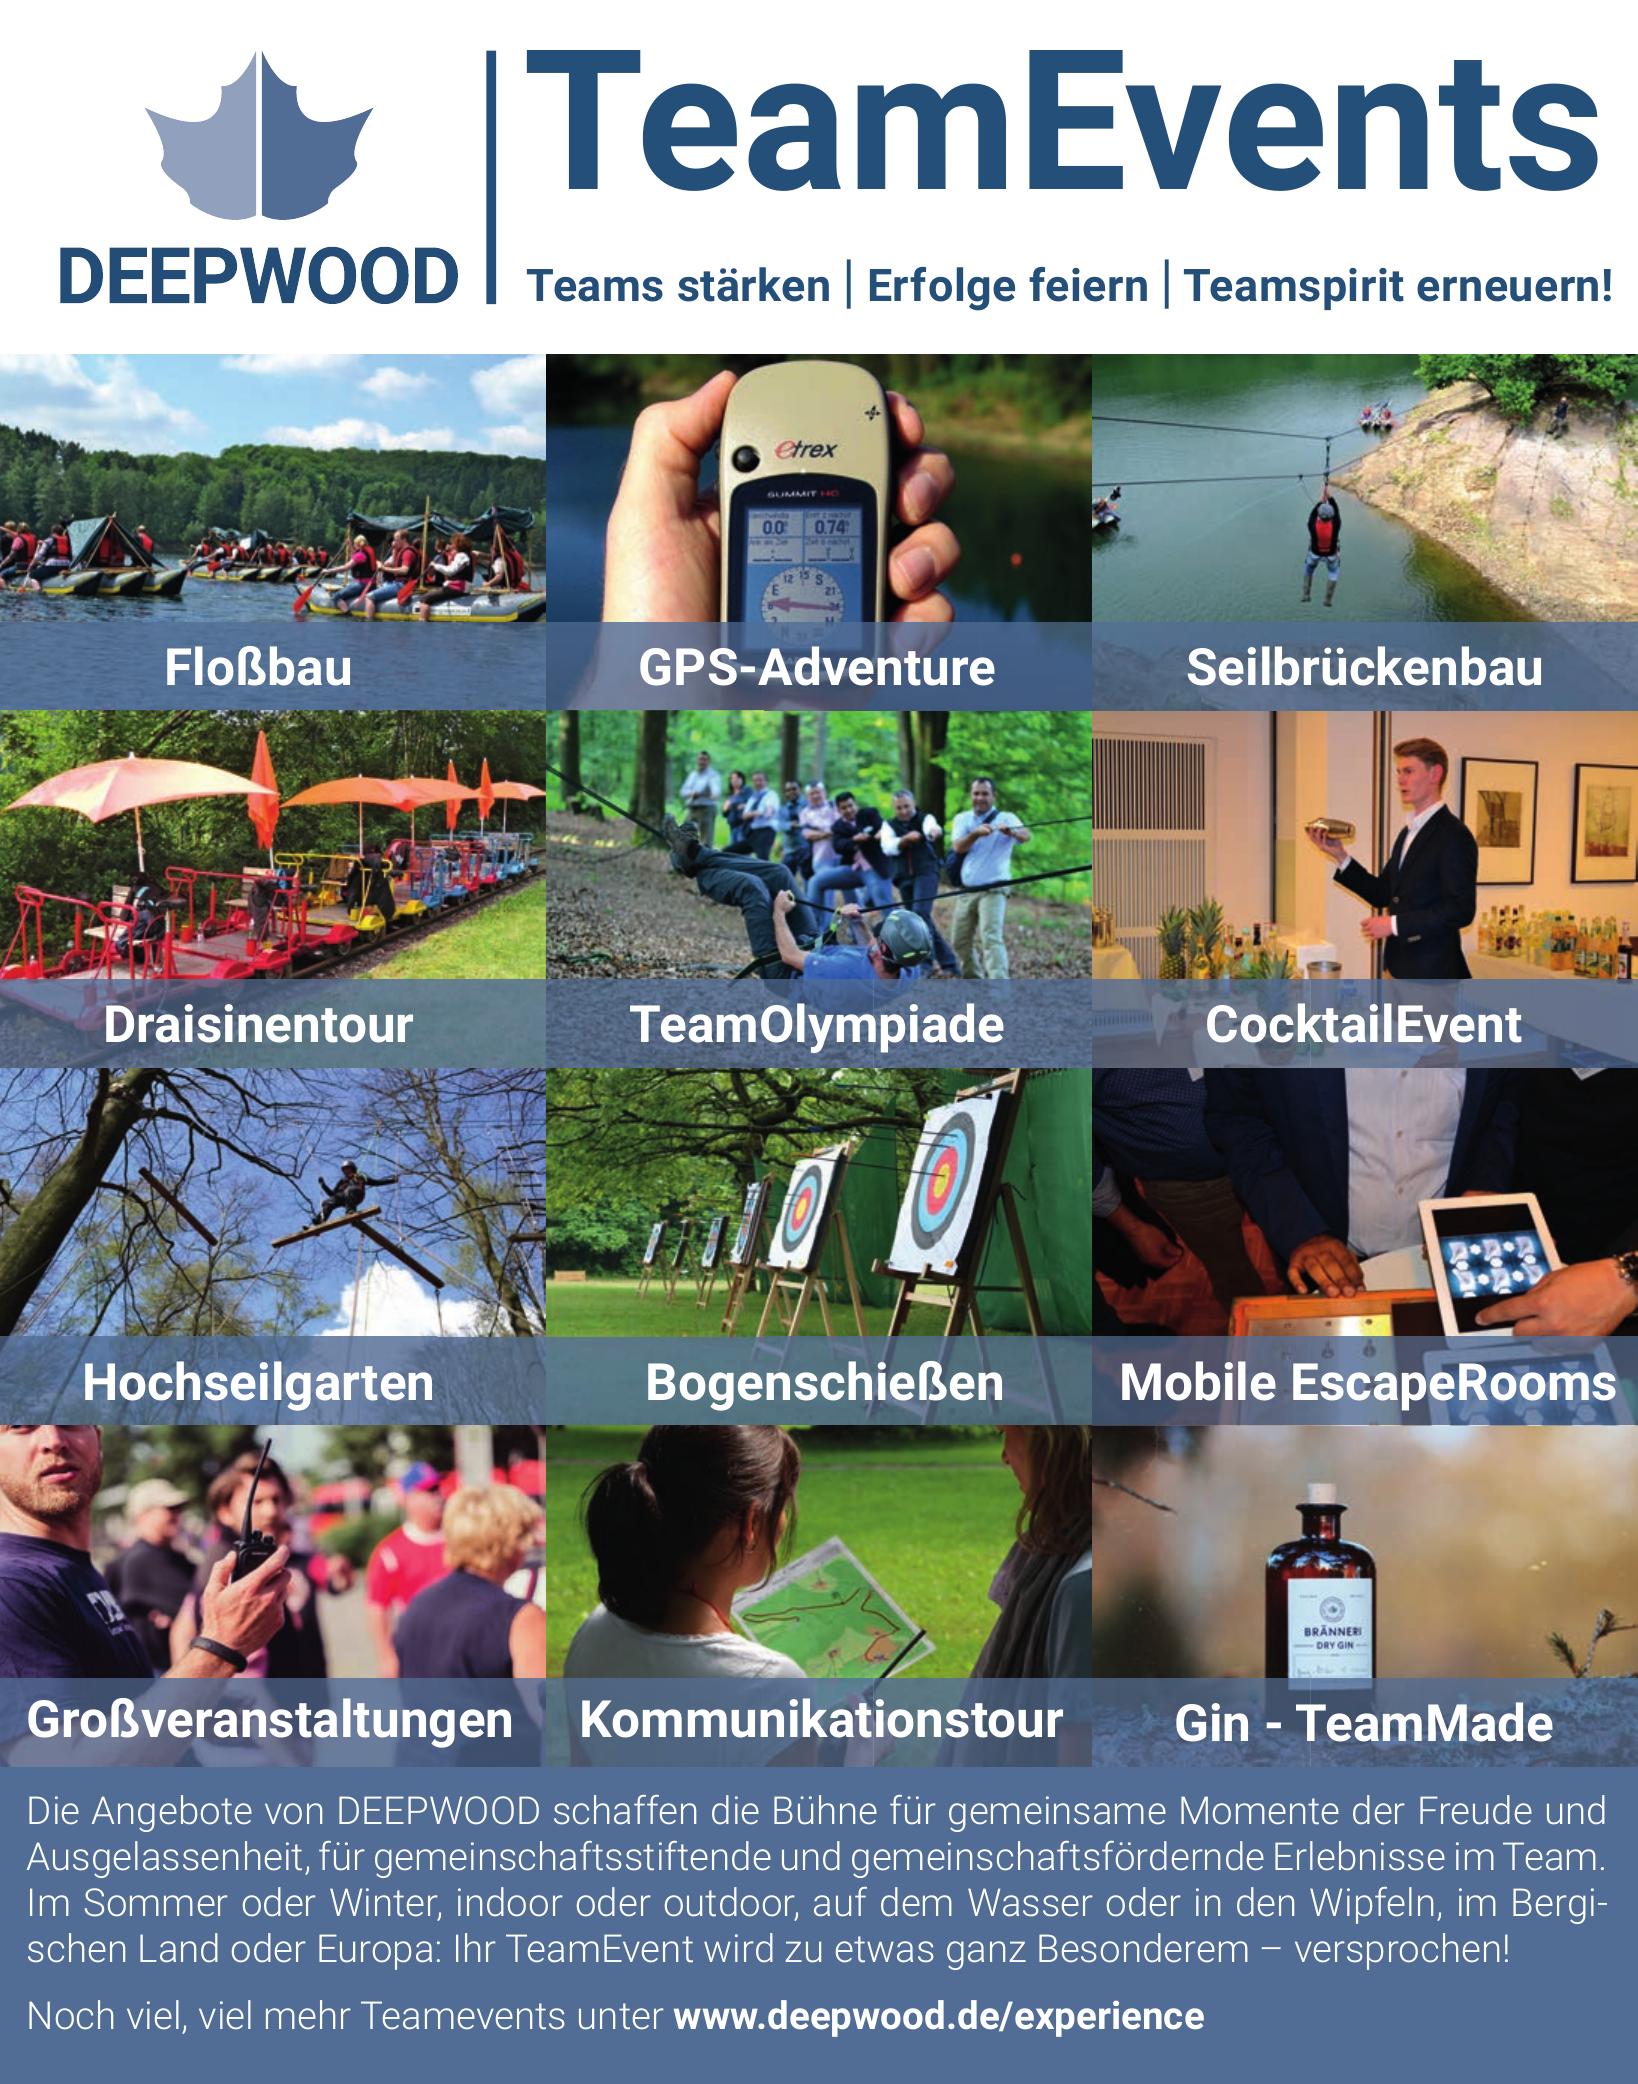 Deepwood TeamEvents